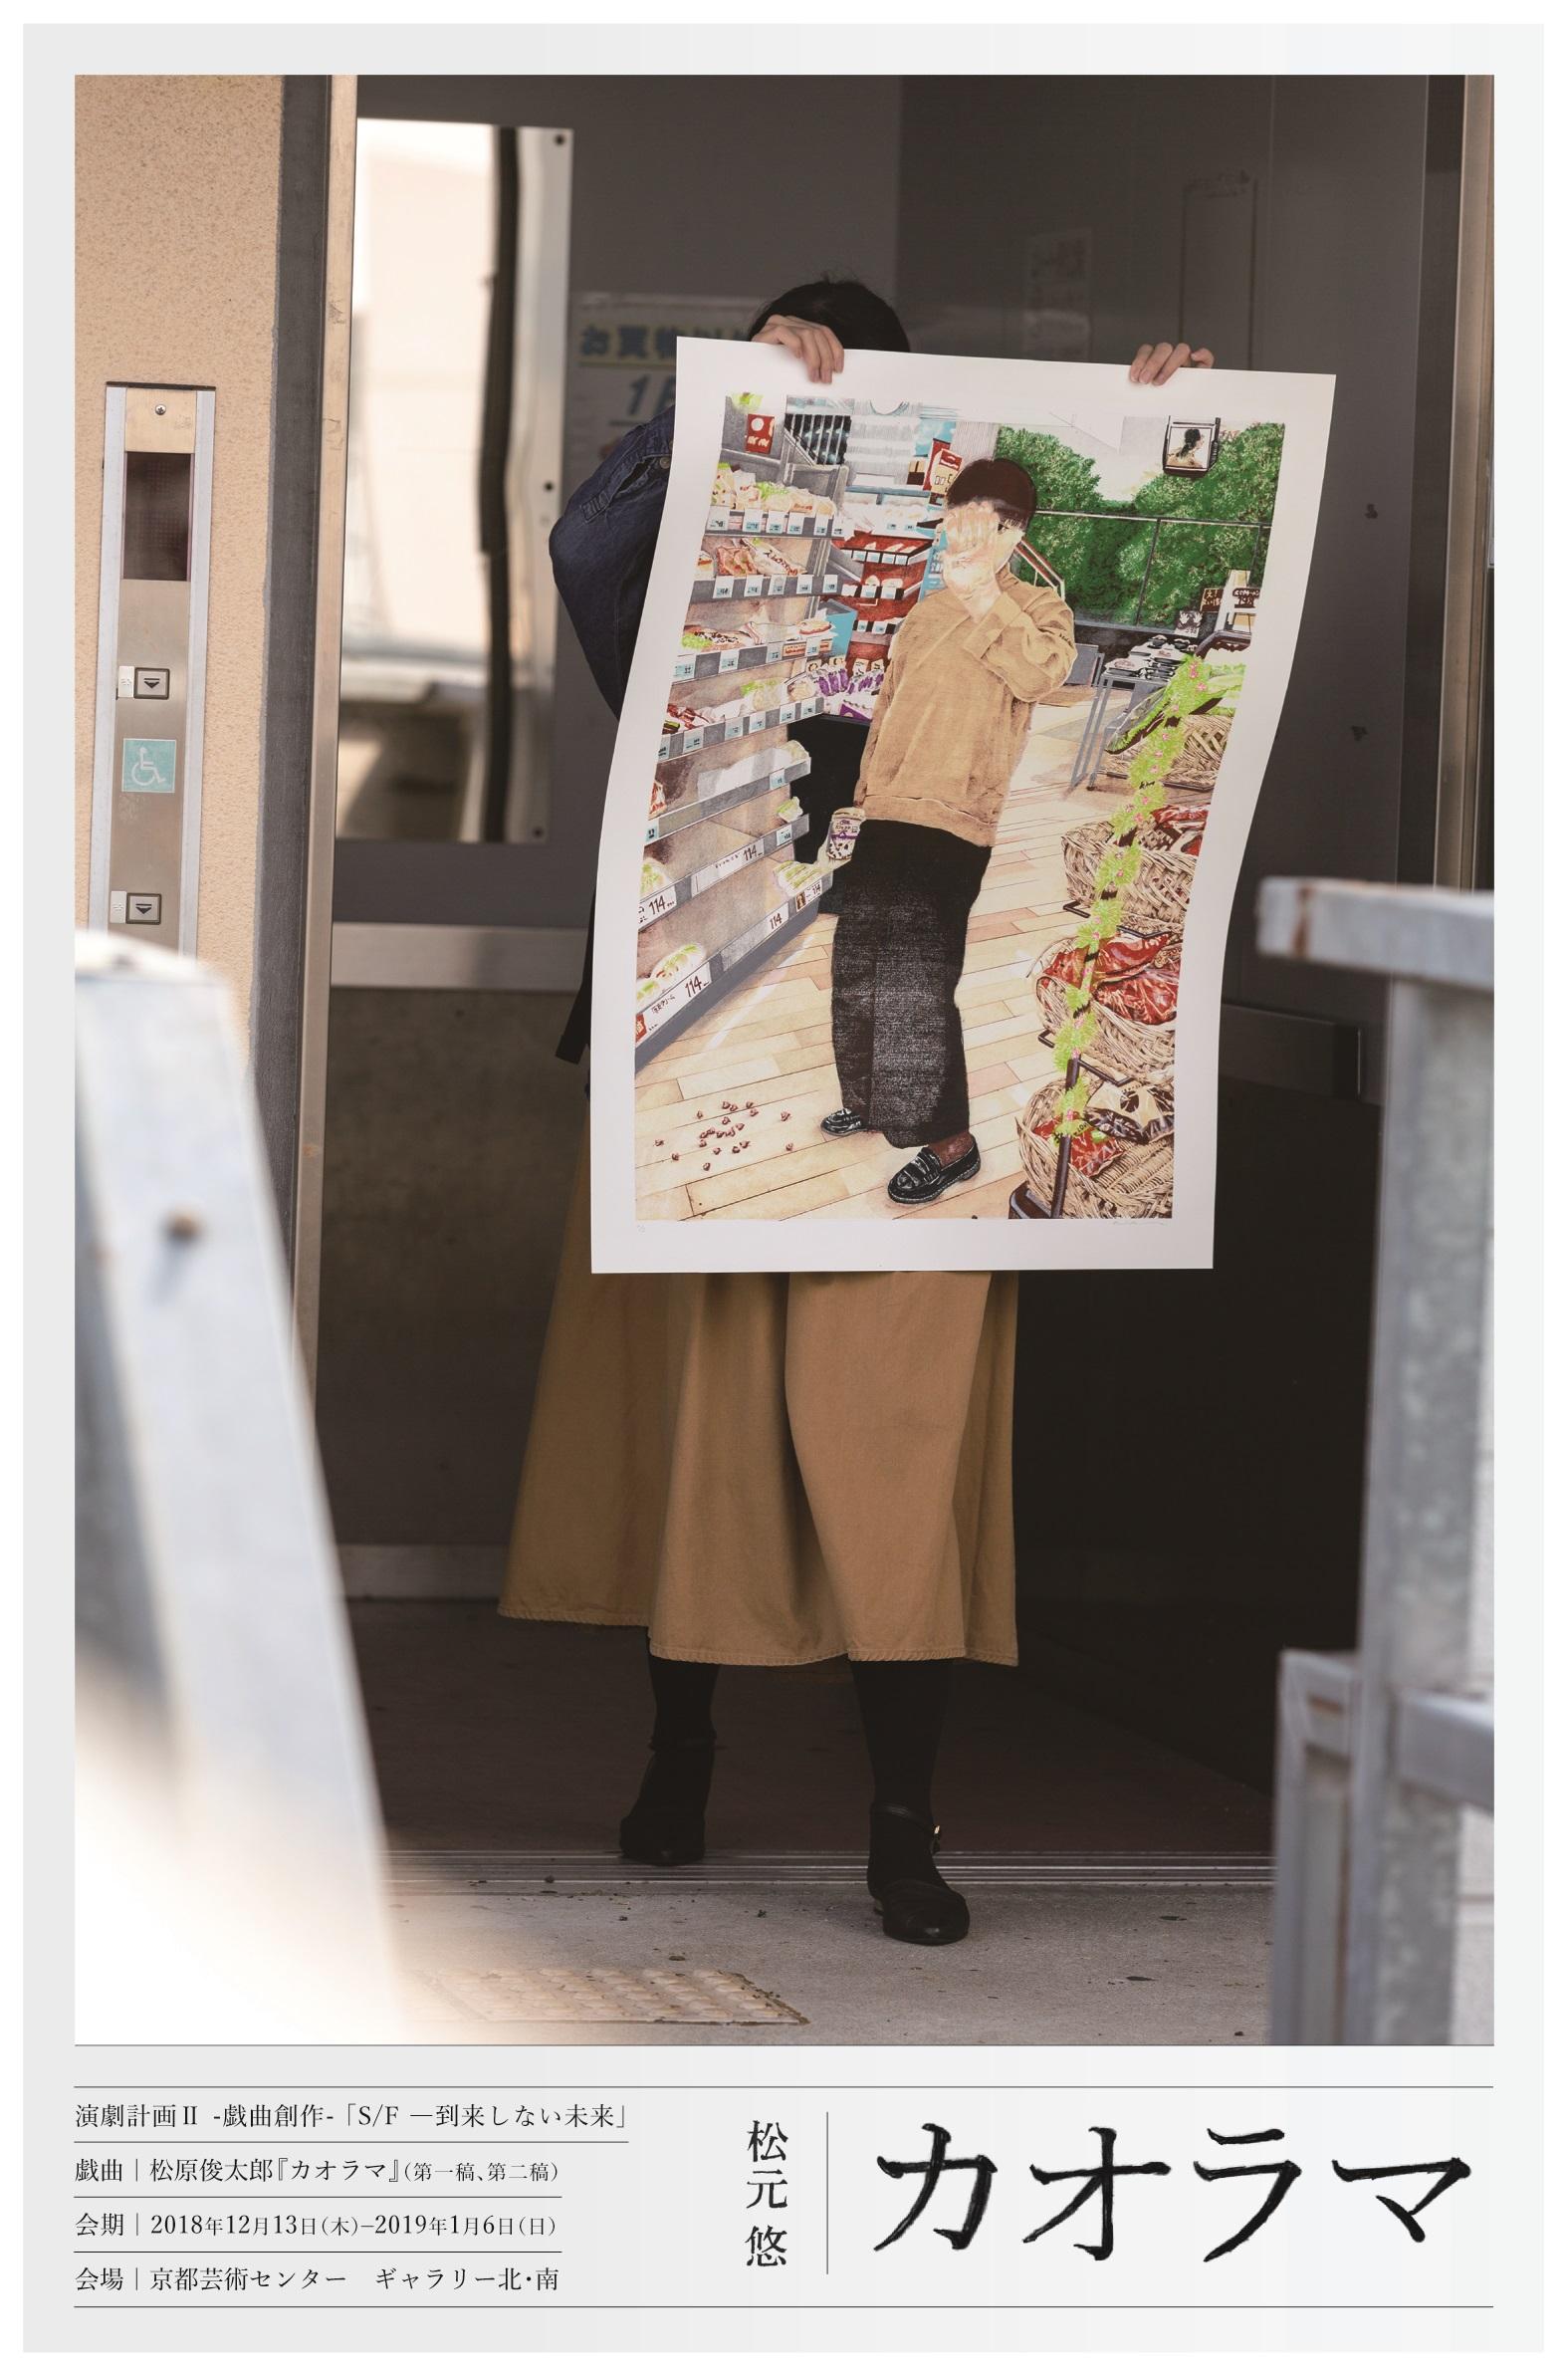 フライヤーデザイン:松見拓也 表紙作品:松元悠「最後の日(上新庄駅前通り)」(2018年、81×61cm、リトグラフ、いづみ紙)